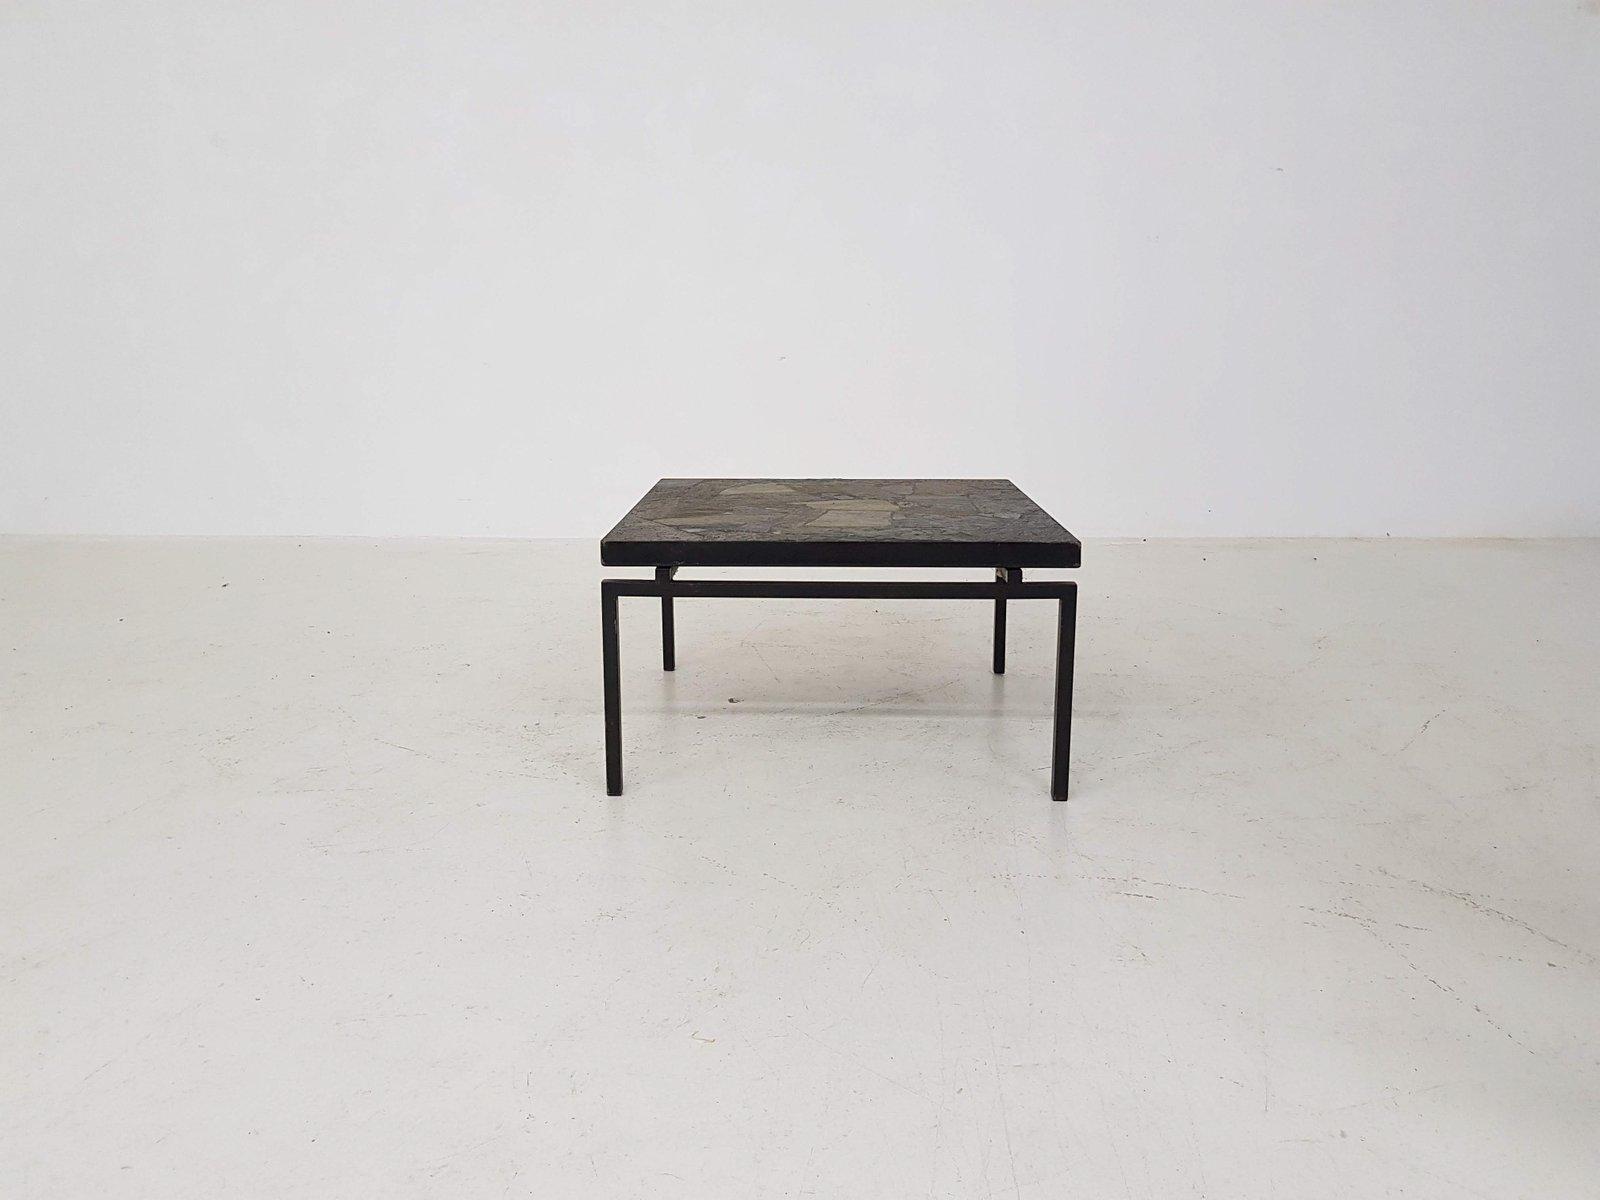 couchtisch aus stein metall 1970er bei pamono kaufen. Black Bedroom Furniture Sets. Home Design Ideas